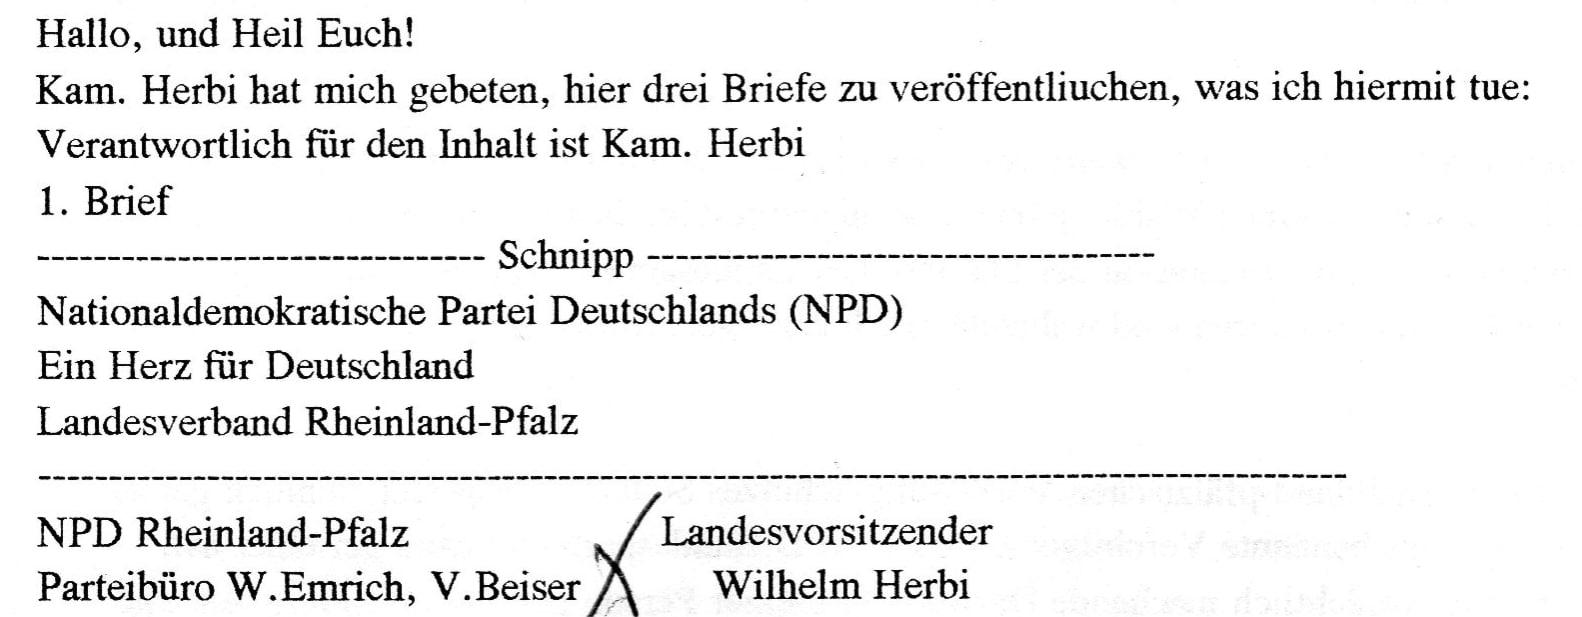 """""""Heil Euch"""" im Jahr 1996. Quelle: Vereinigung der Verfolgten des Naziregimes - Bund der Antifaschistinnen und Antifaschisten (VVN-BdA)"""